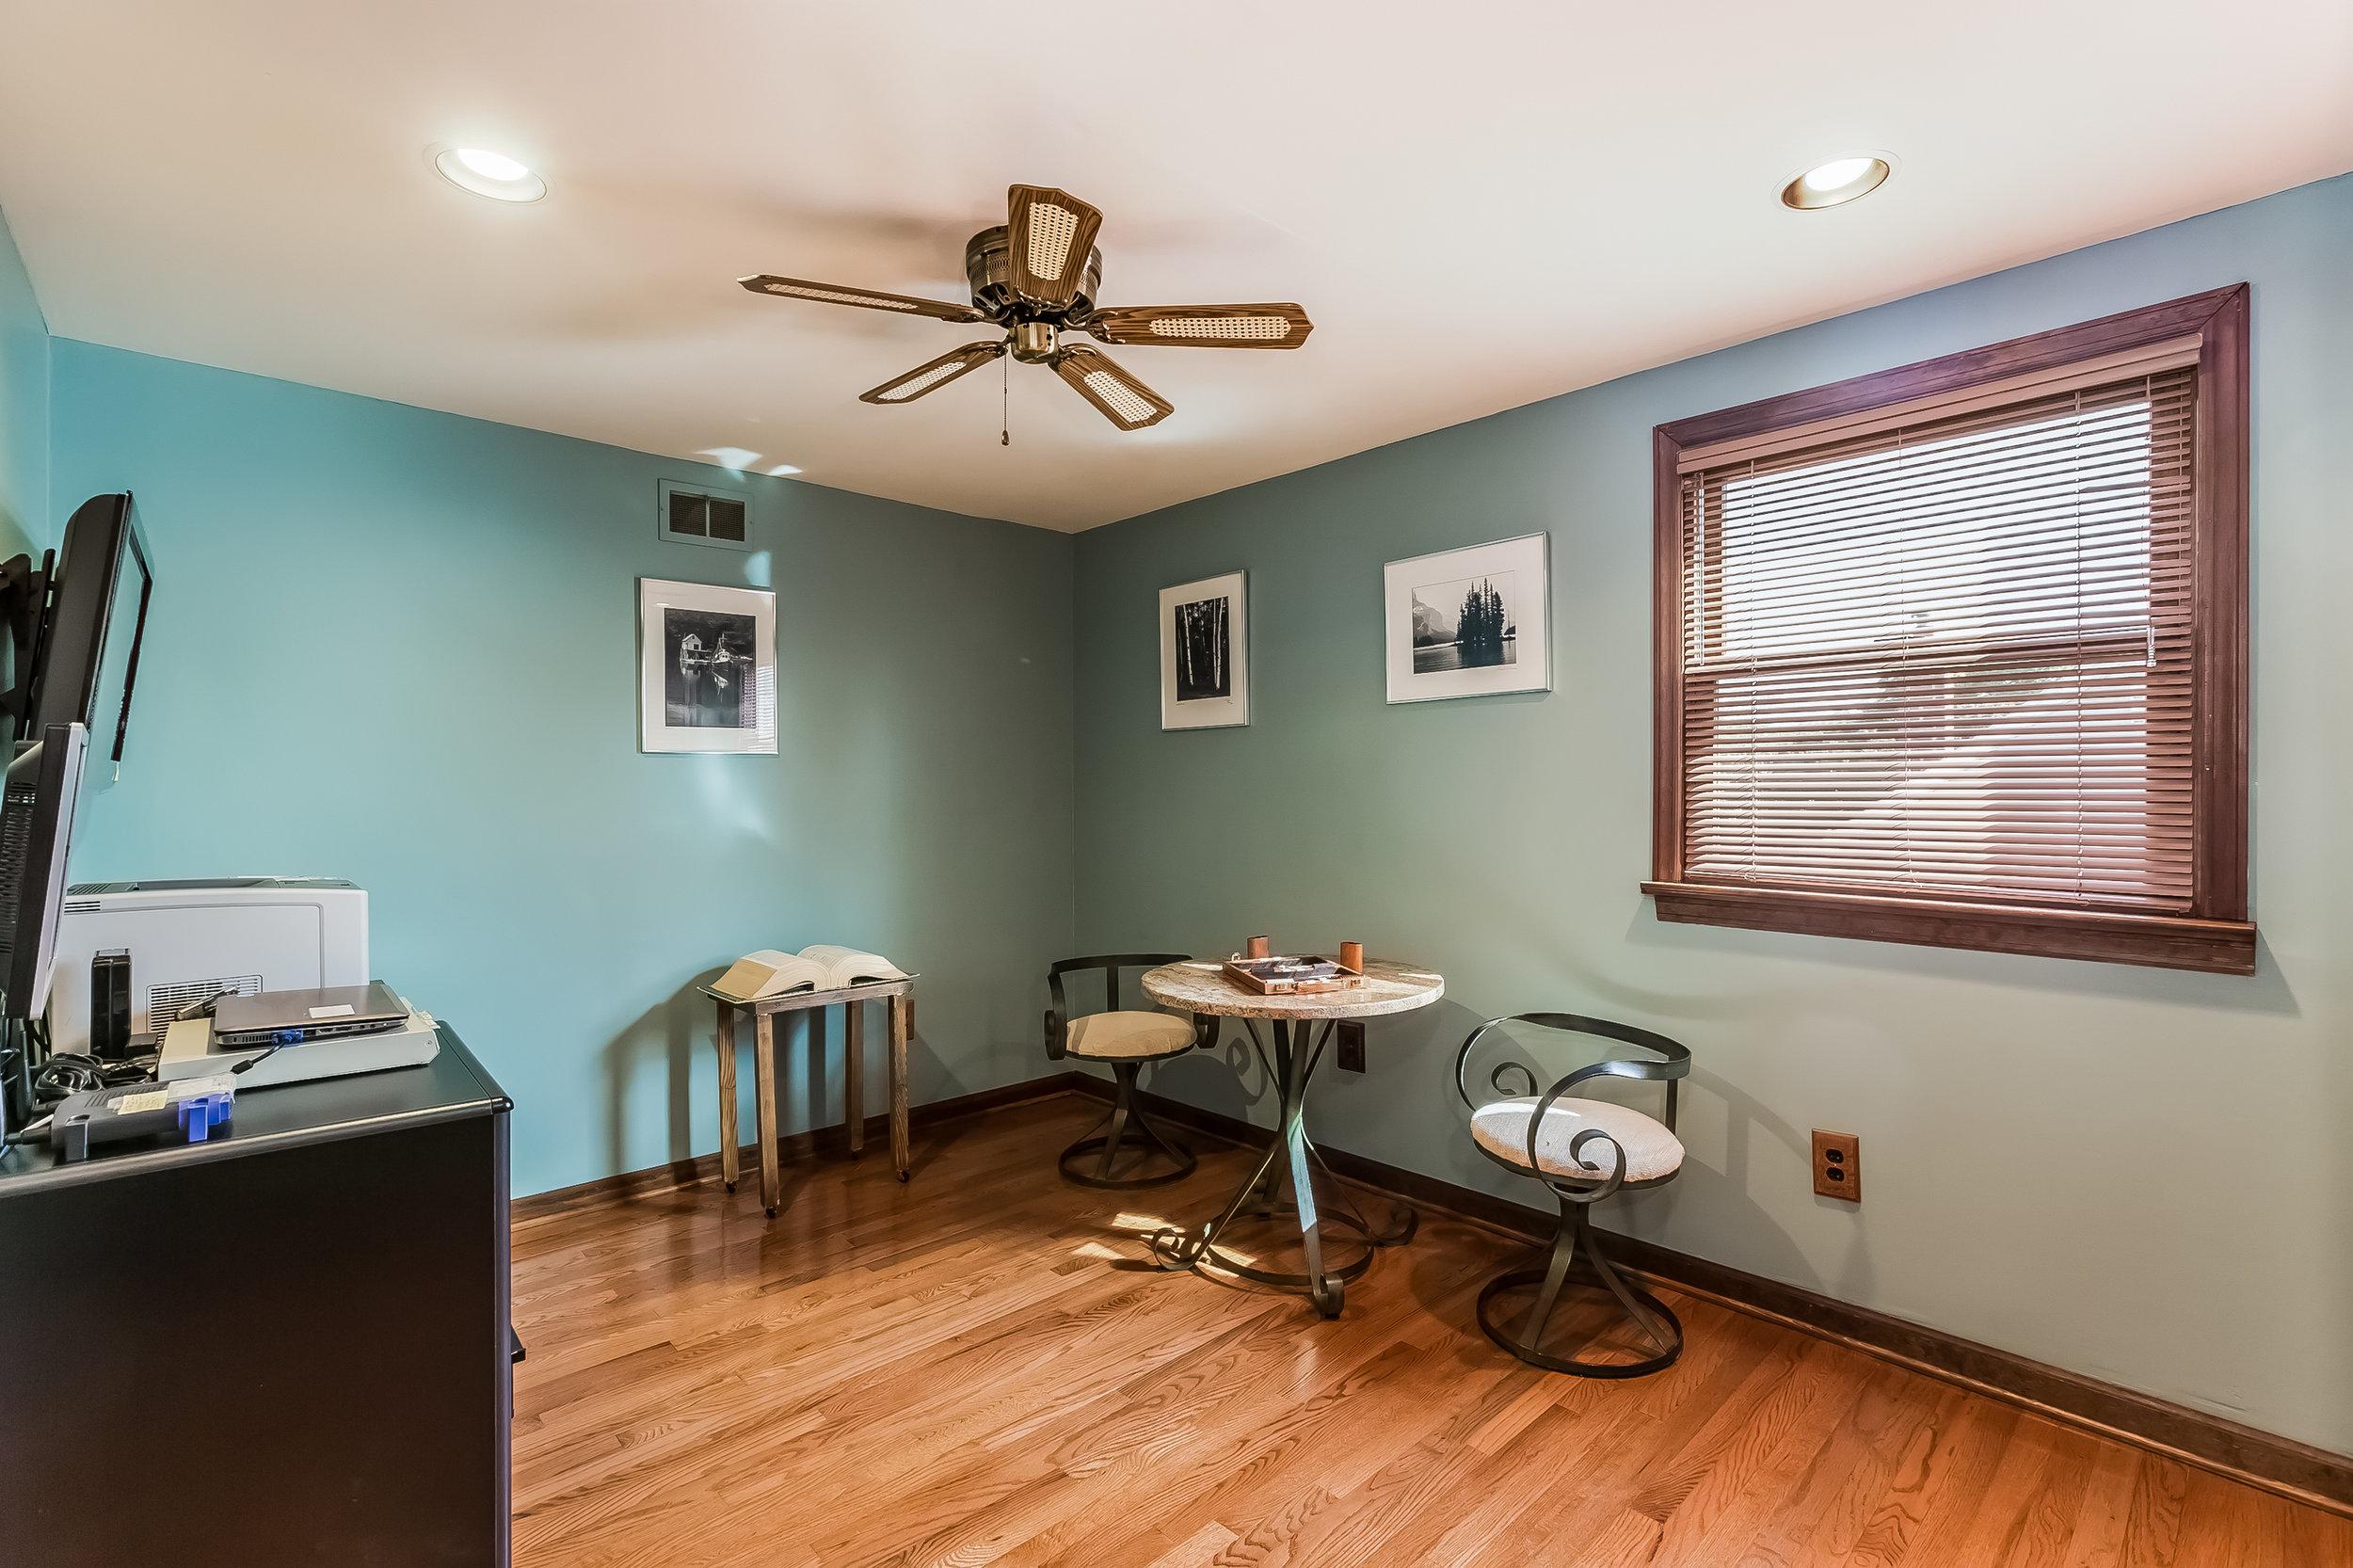 049-Bedroom-4932687-large.jpg